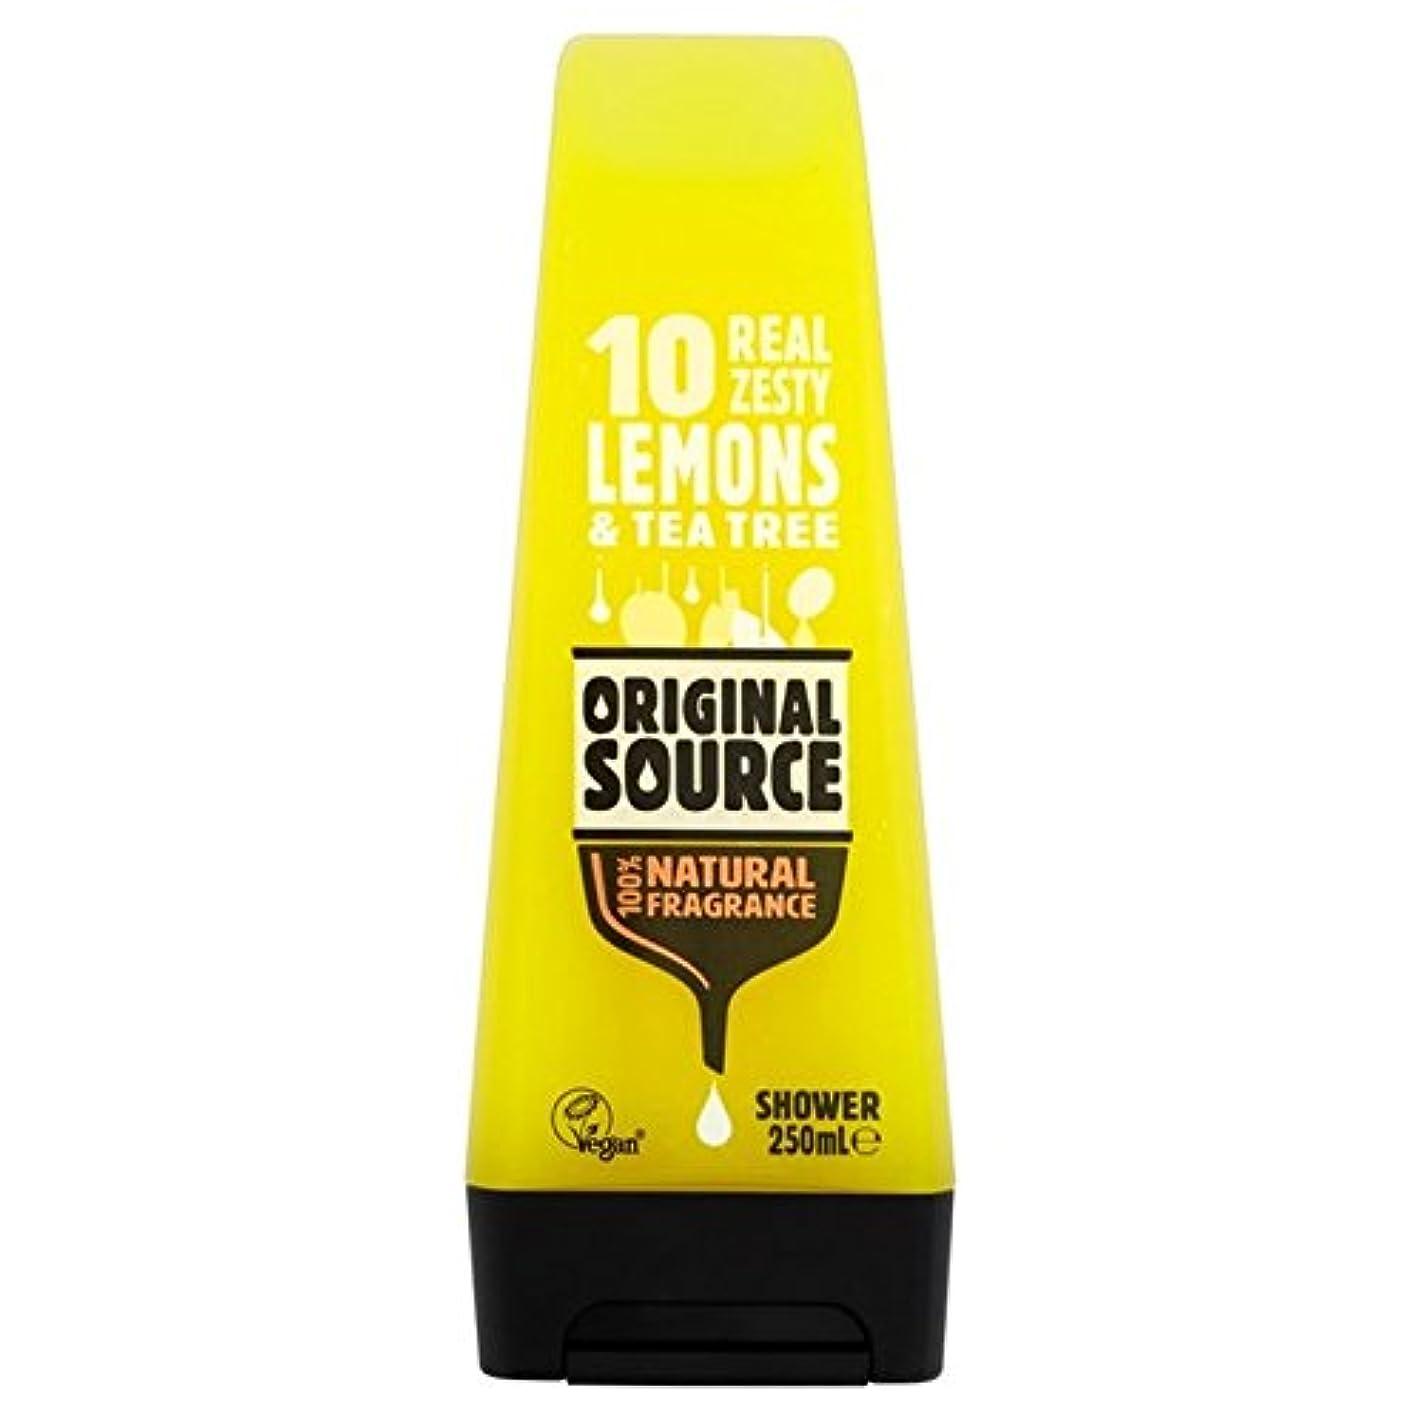 差別引き金爵Original Source Lemon Shower Gel 250ml - 元のソースのレモンシャワージェル250ミリリットル [並行輸入品]